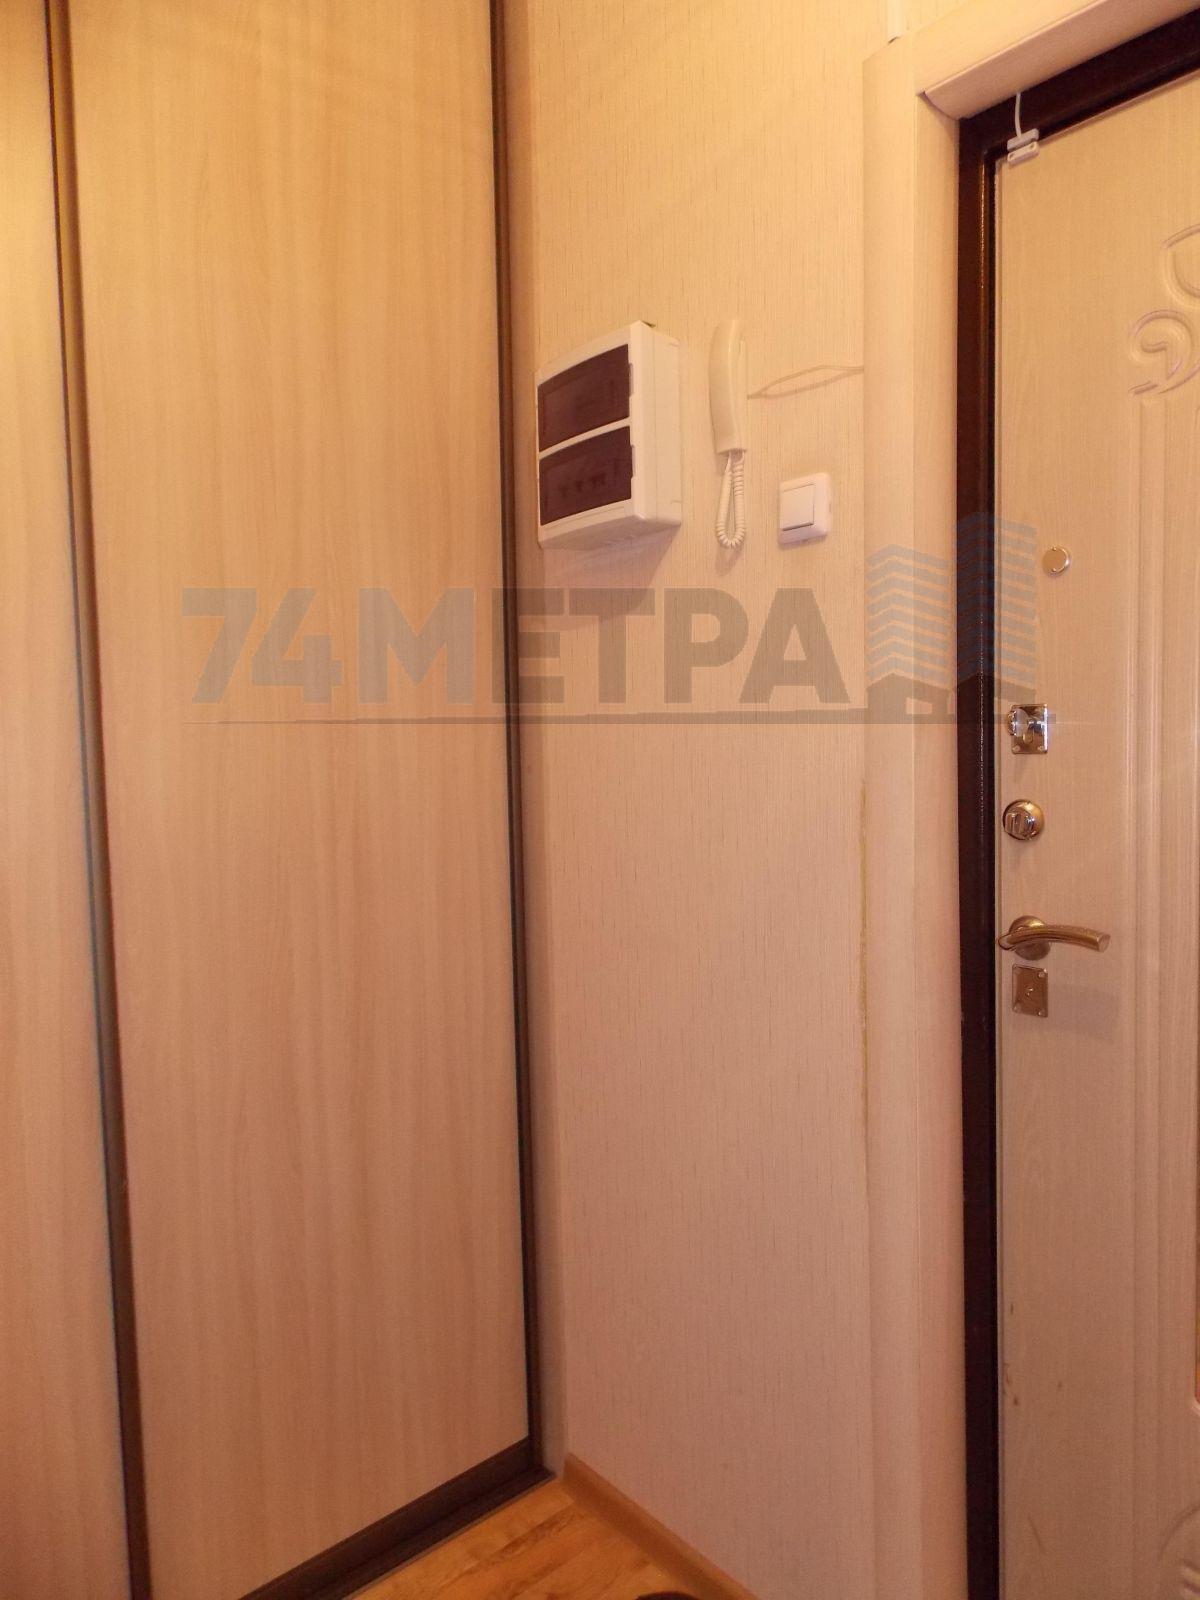 10 000 ₽, 1 - комнатная квартира, площадь 28 м², этаж 1/10